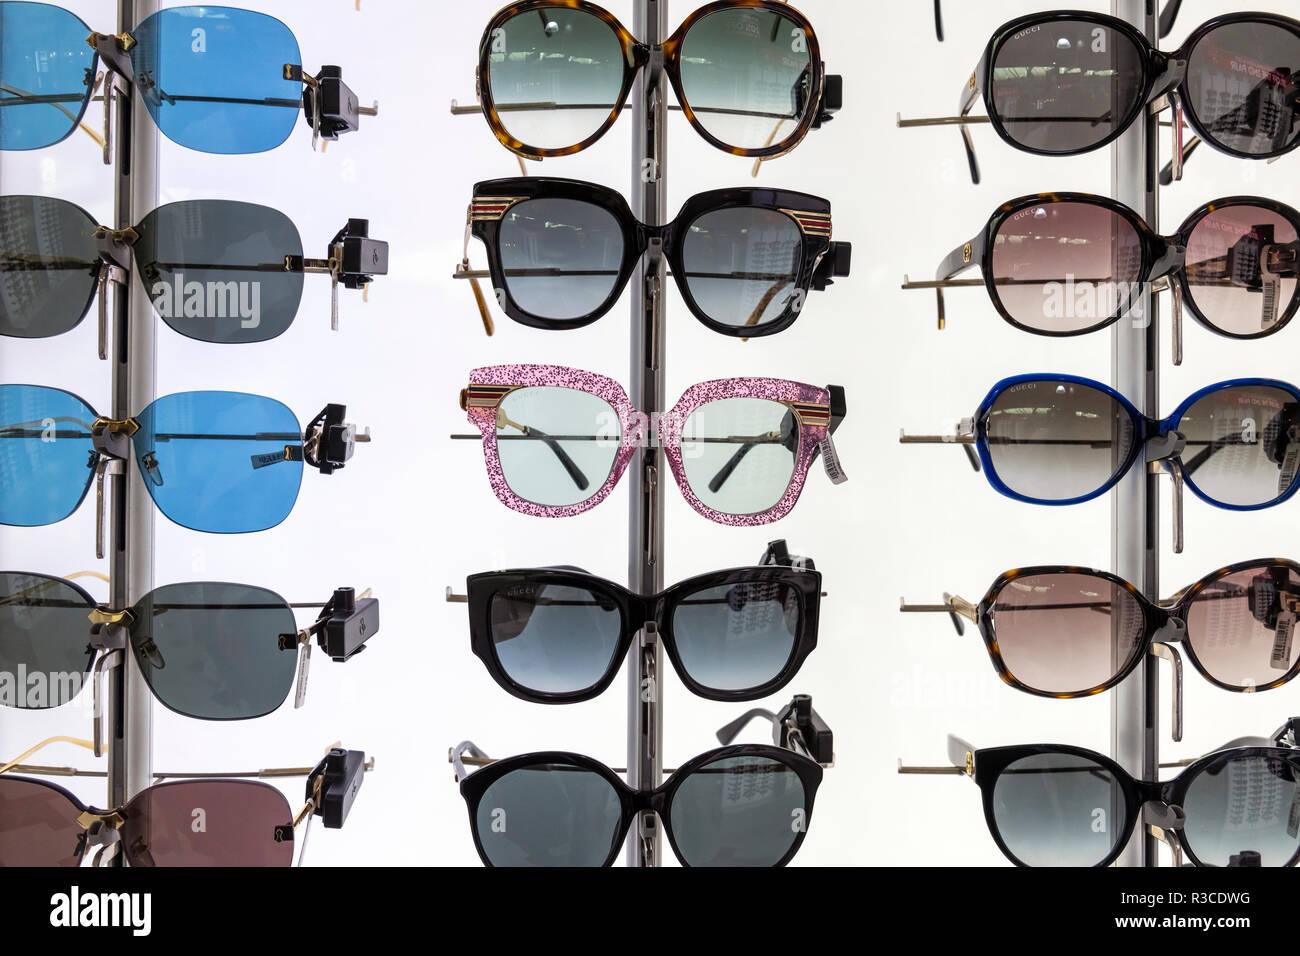 a3de8c495c En Larnaca, Chipre - El 6 de noviembre. 2018. Gafas de sol de marcas famosas  en la tienda libre de impuestos del aeropuerto